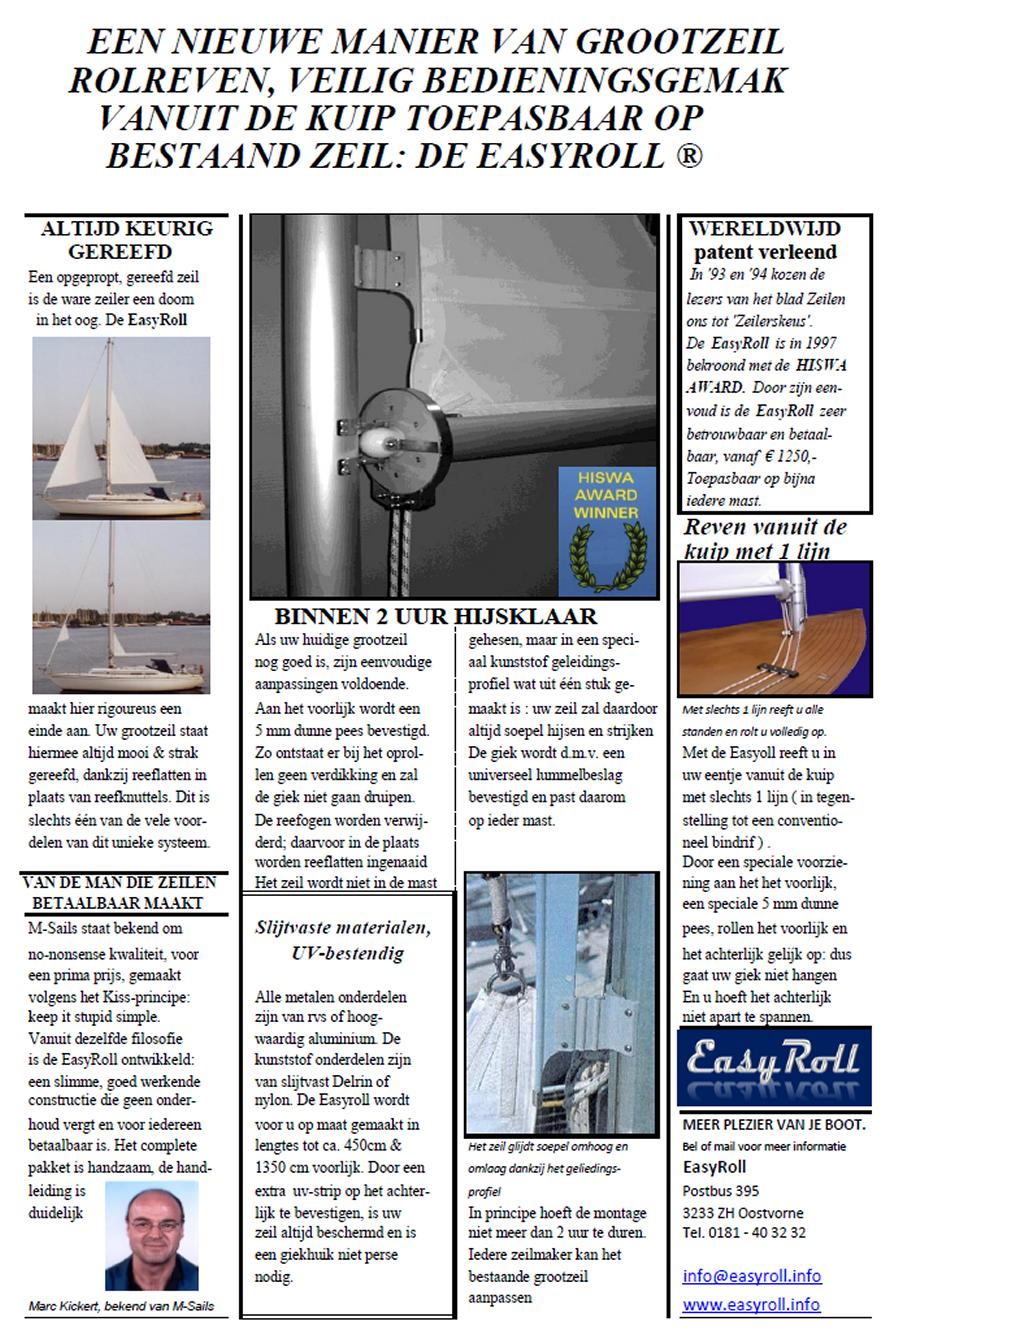 EasyRoll grootzeil rolreefgiek brochure NL